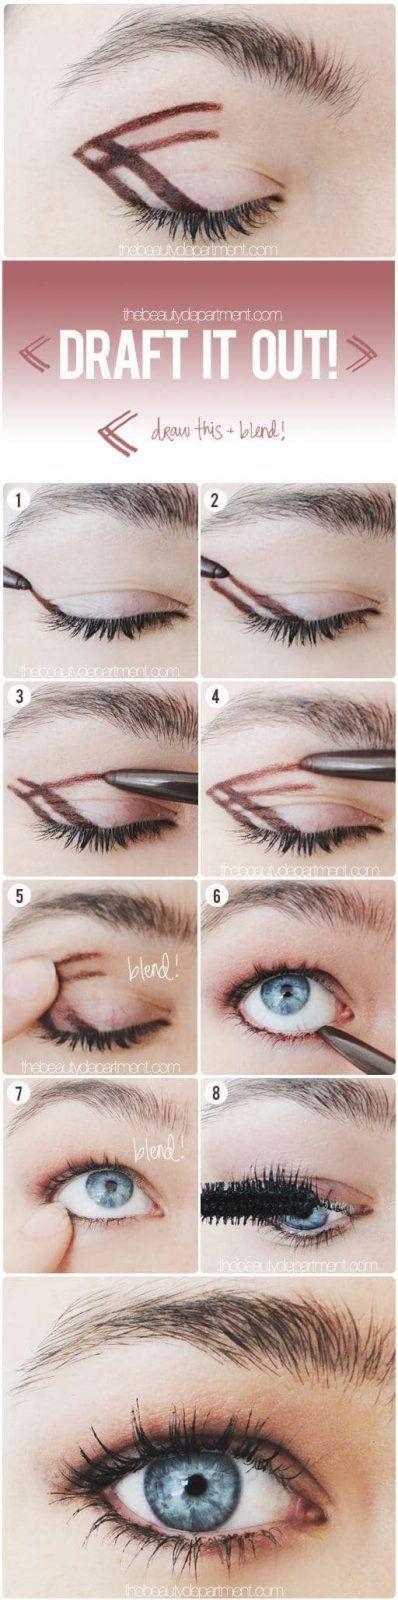 Diese unglaublichen Schönheitstipps musst du unbedingt ausprobieren #beautyeyes